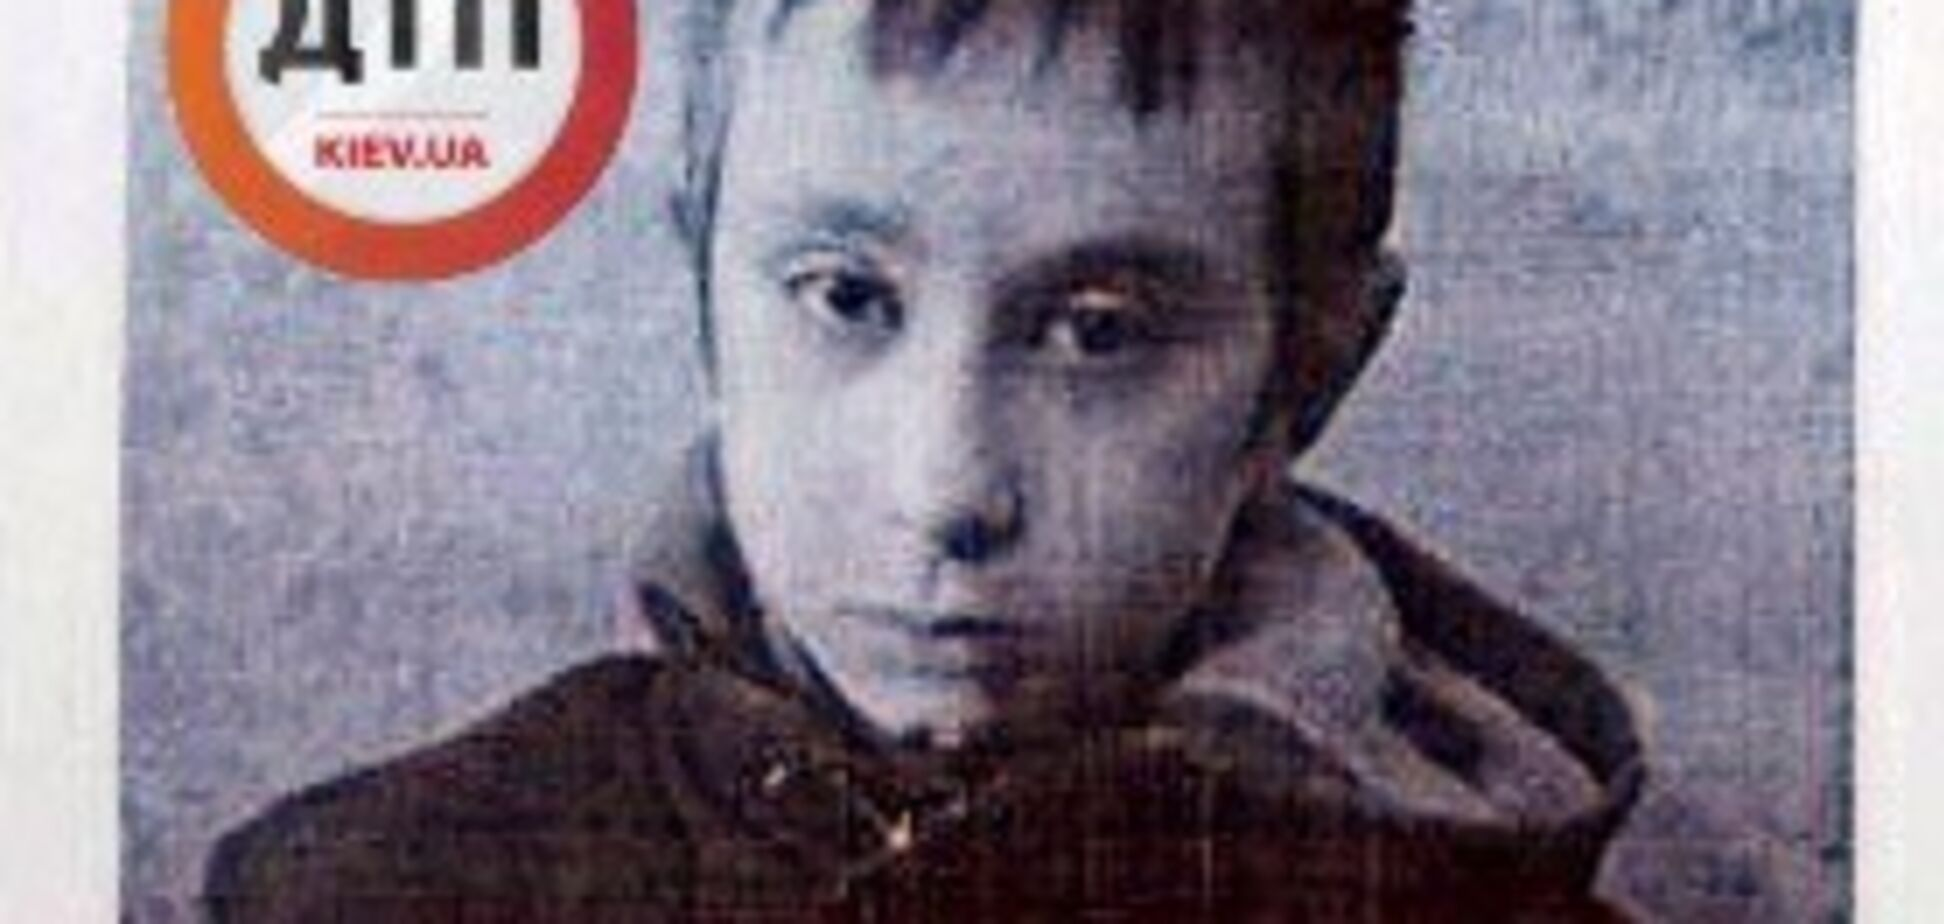 Внимание, розыск! Под Киевом пропал школьник с косоглазием